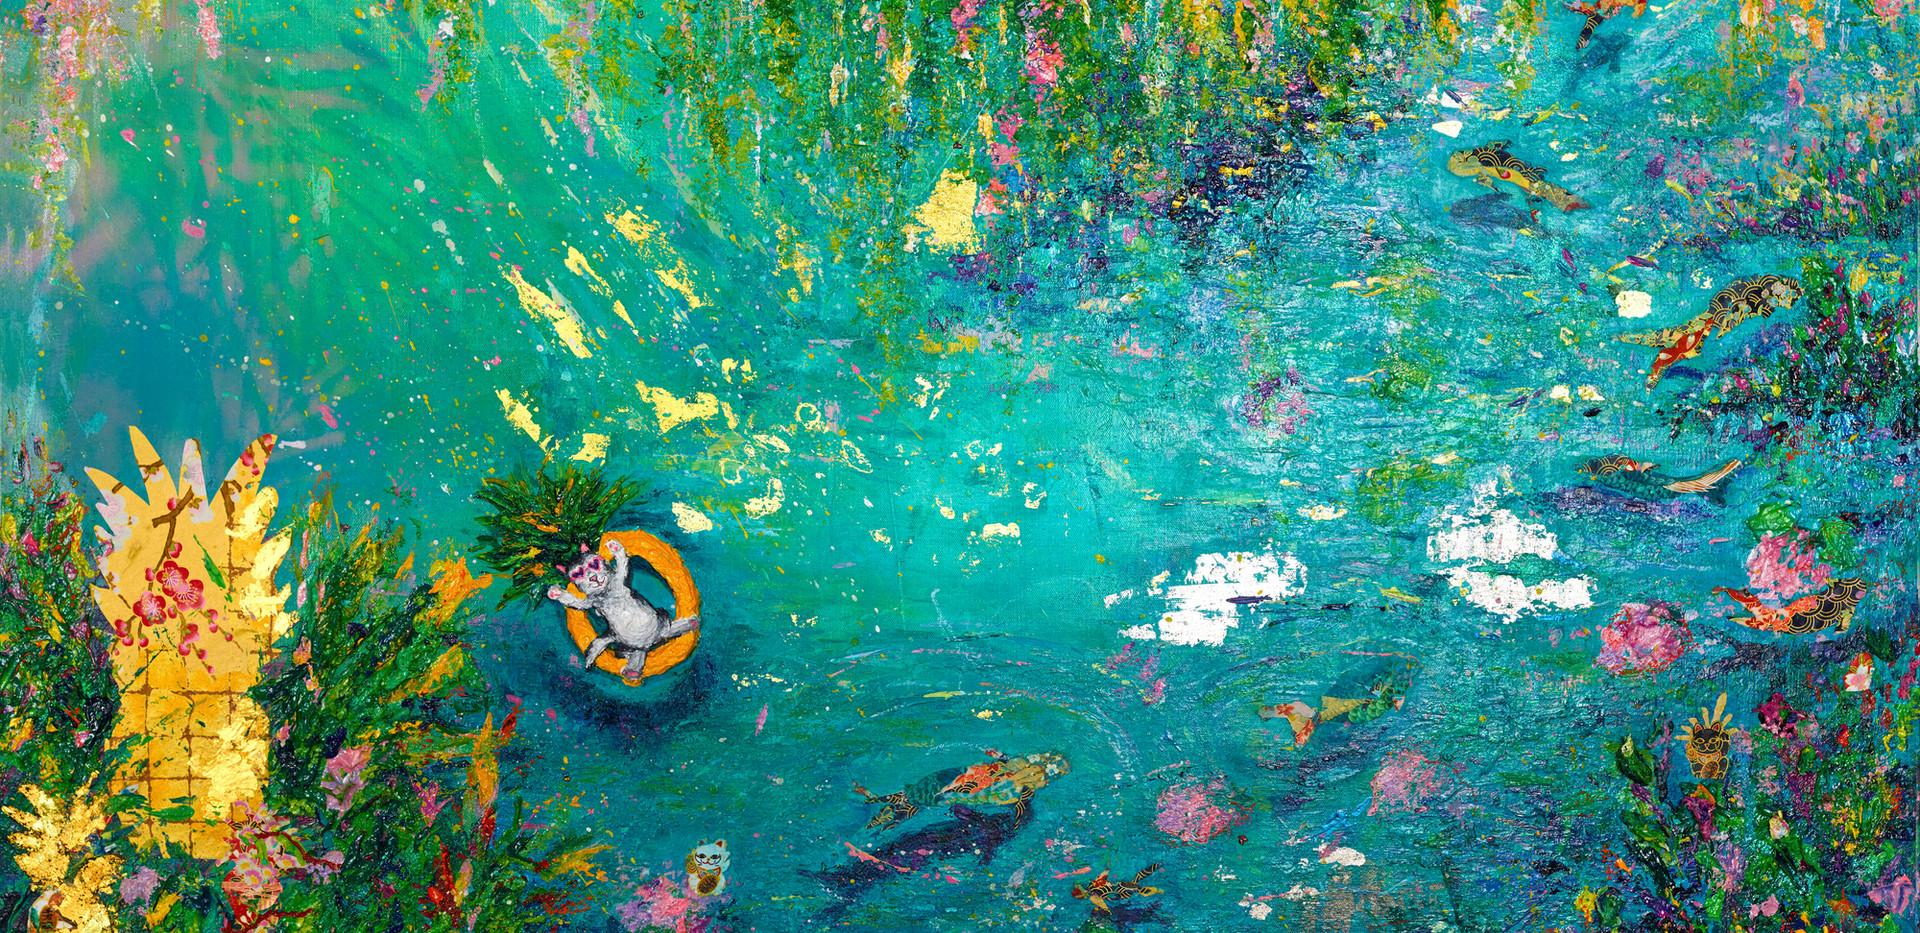 floating in paradise_smaller.jpg